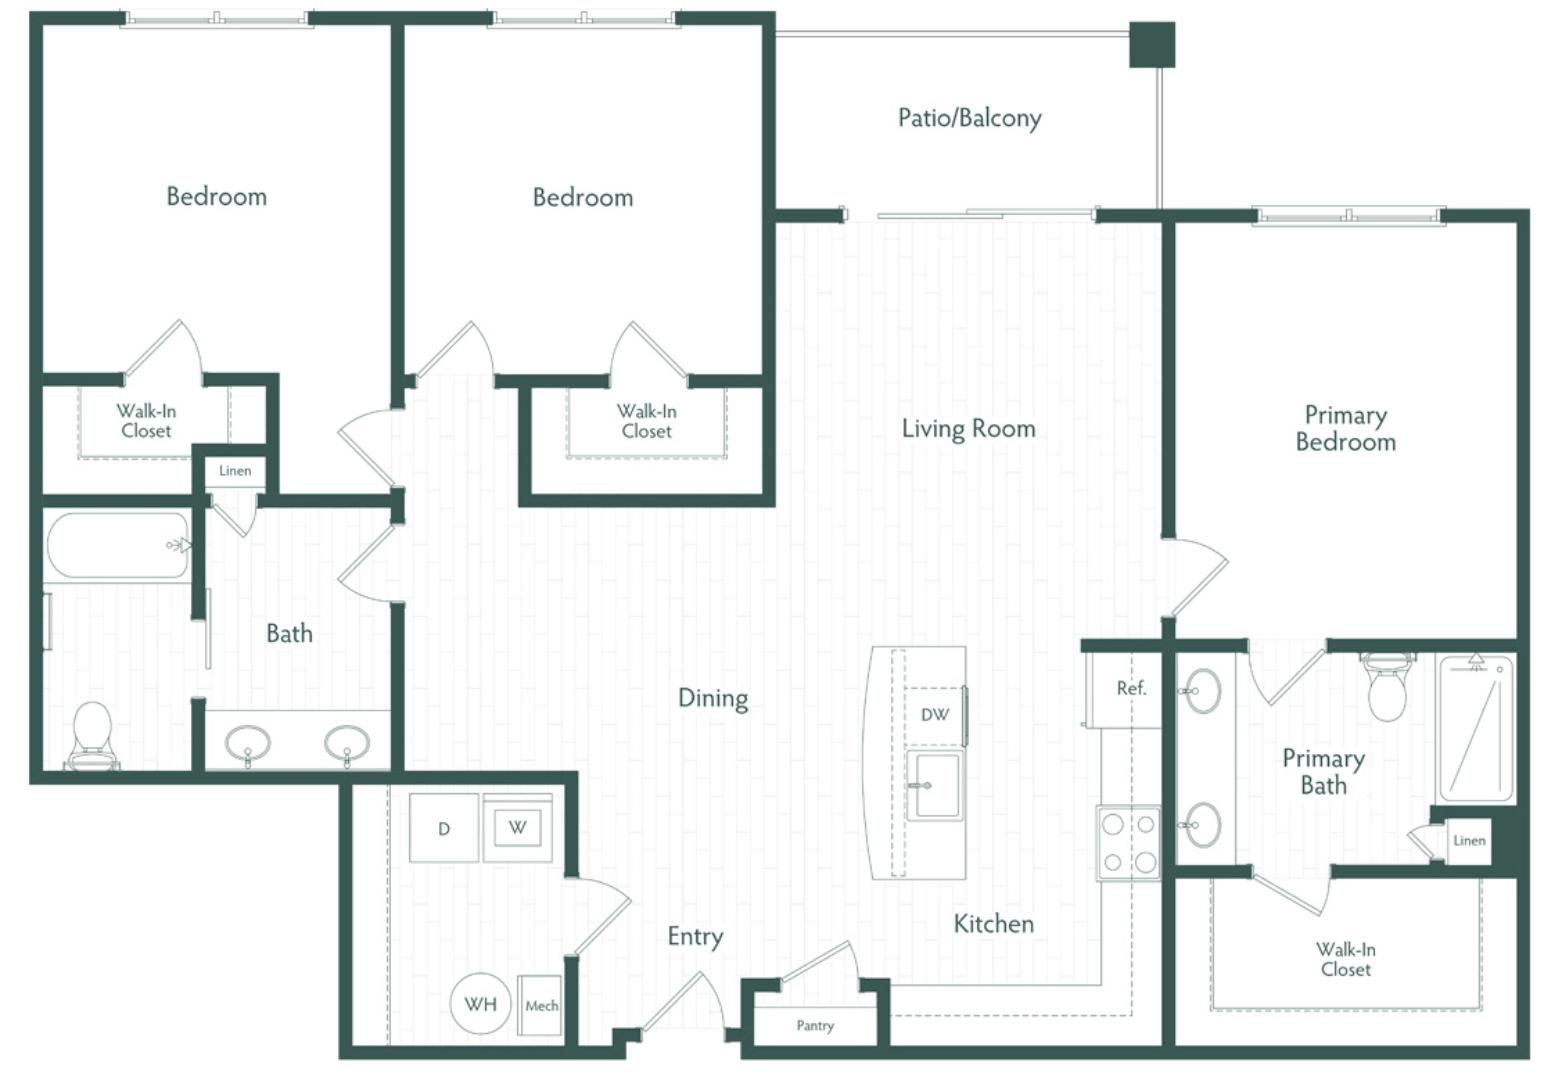 Virtual Tour Floor Plan Image C1